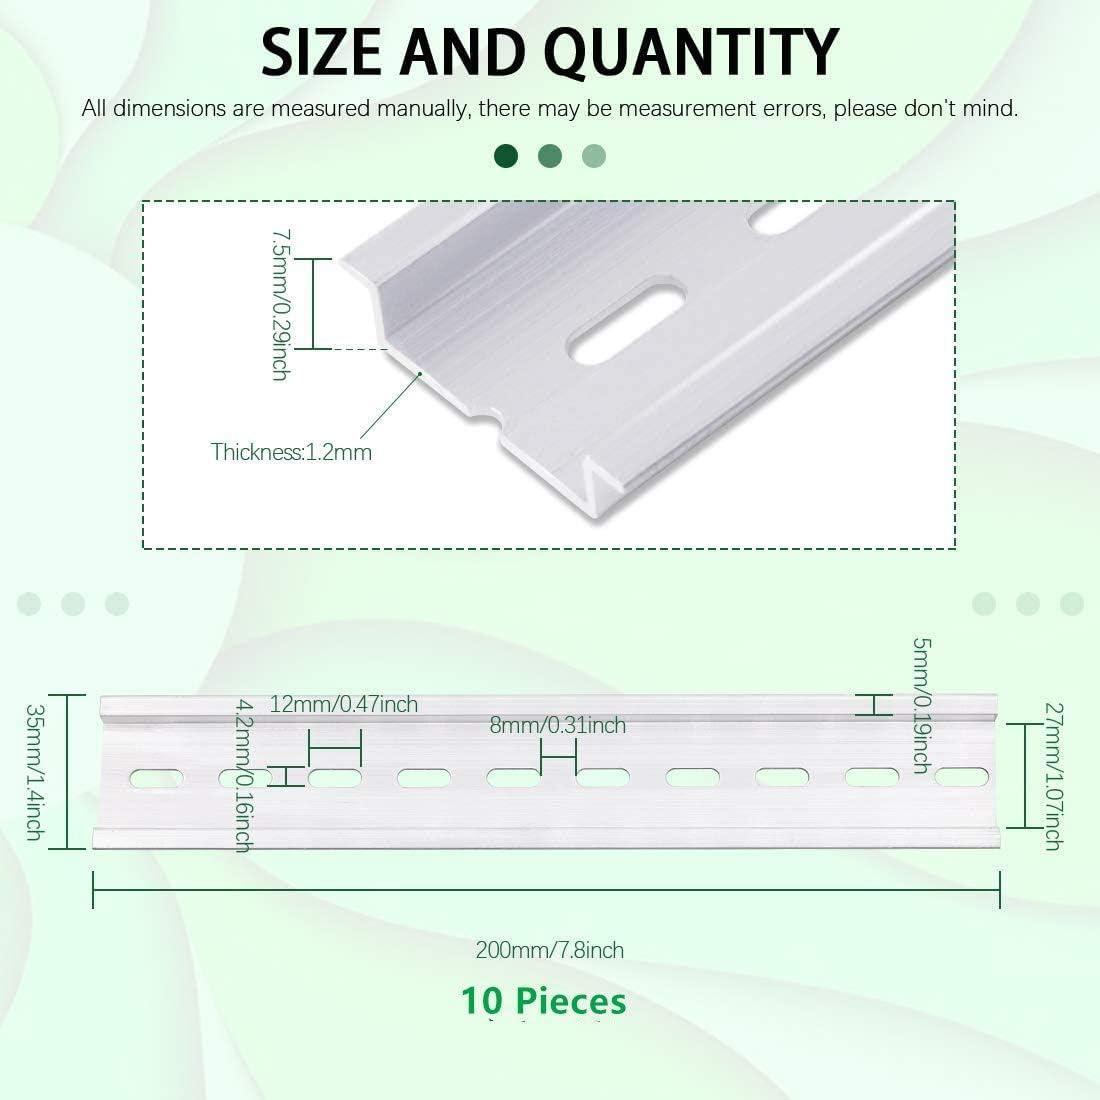 TAIANJI 10 St/ücke DIN Schiene Metall Hutschienen 20cm Montageschiene Hutschiene H/ängeschiene Schrank f/ür Verteilerschrank Schaltschrank einbau